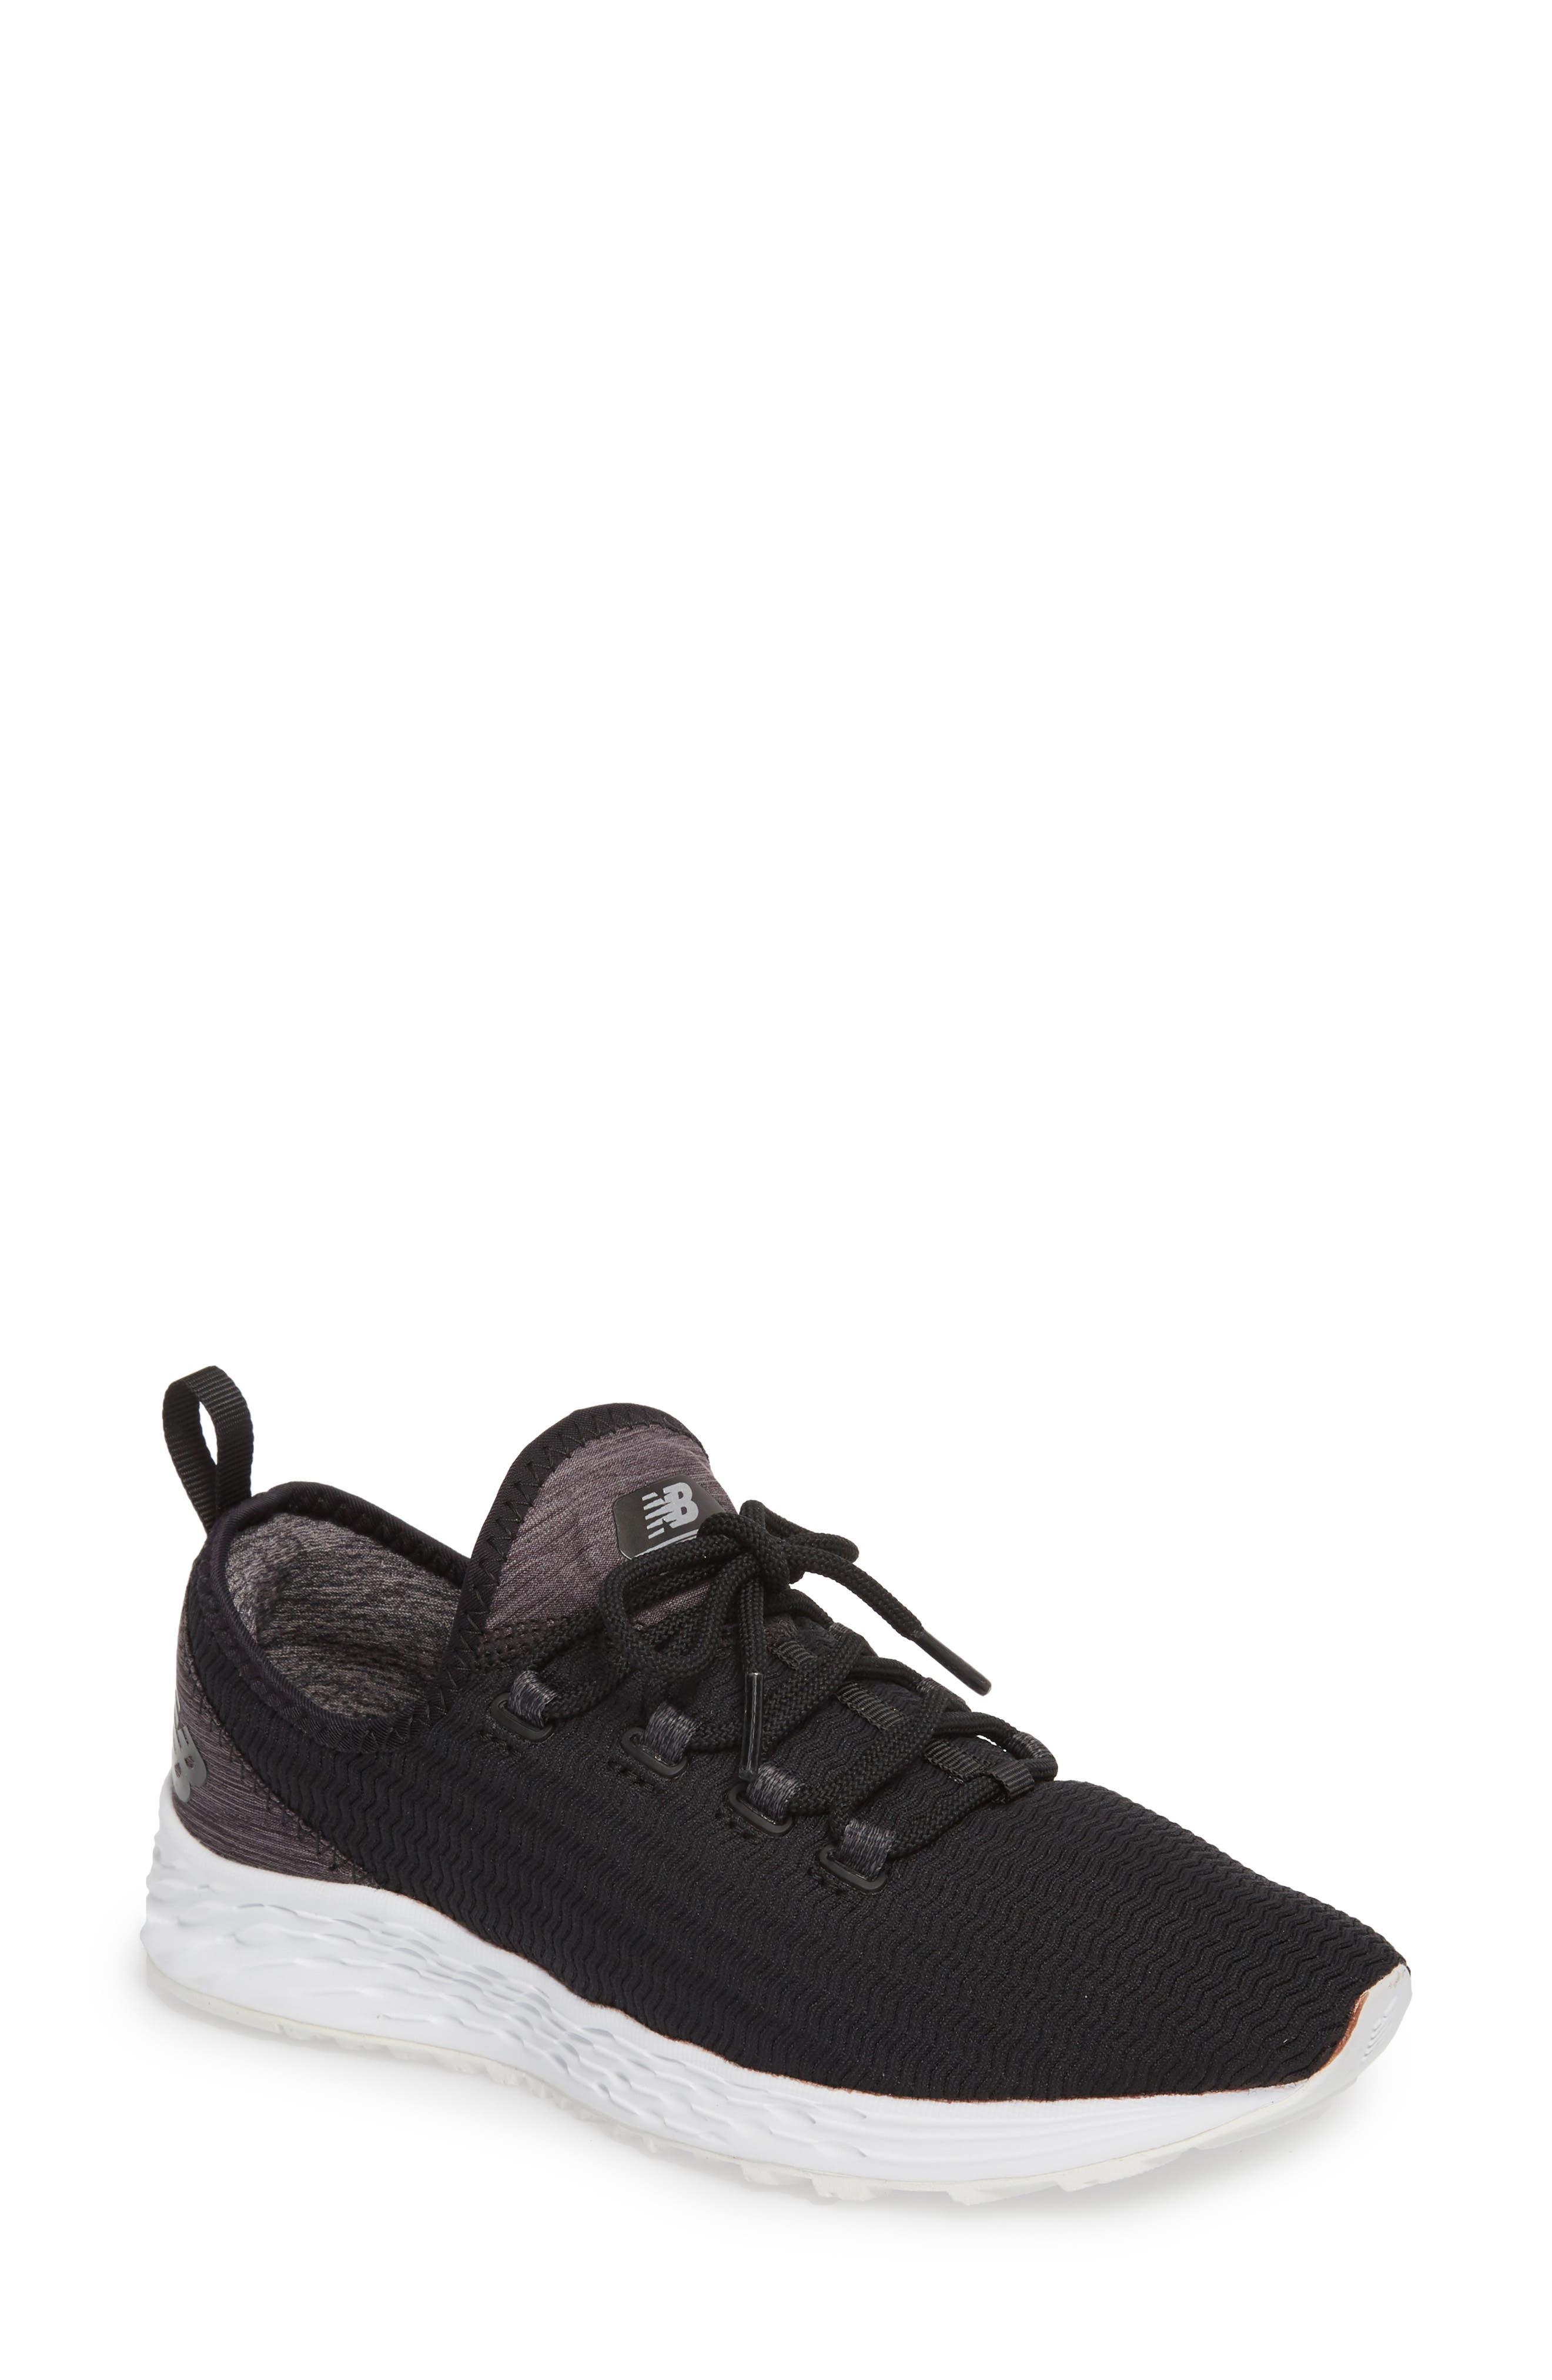 Fresh Foam Arishi Running Shoe,                         Main,                         color, 003